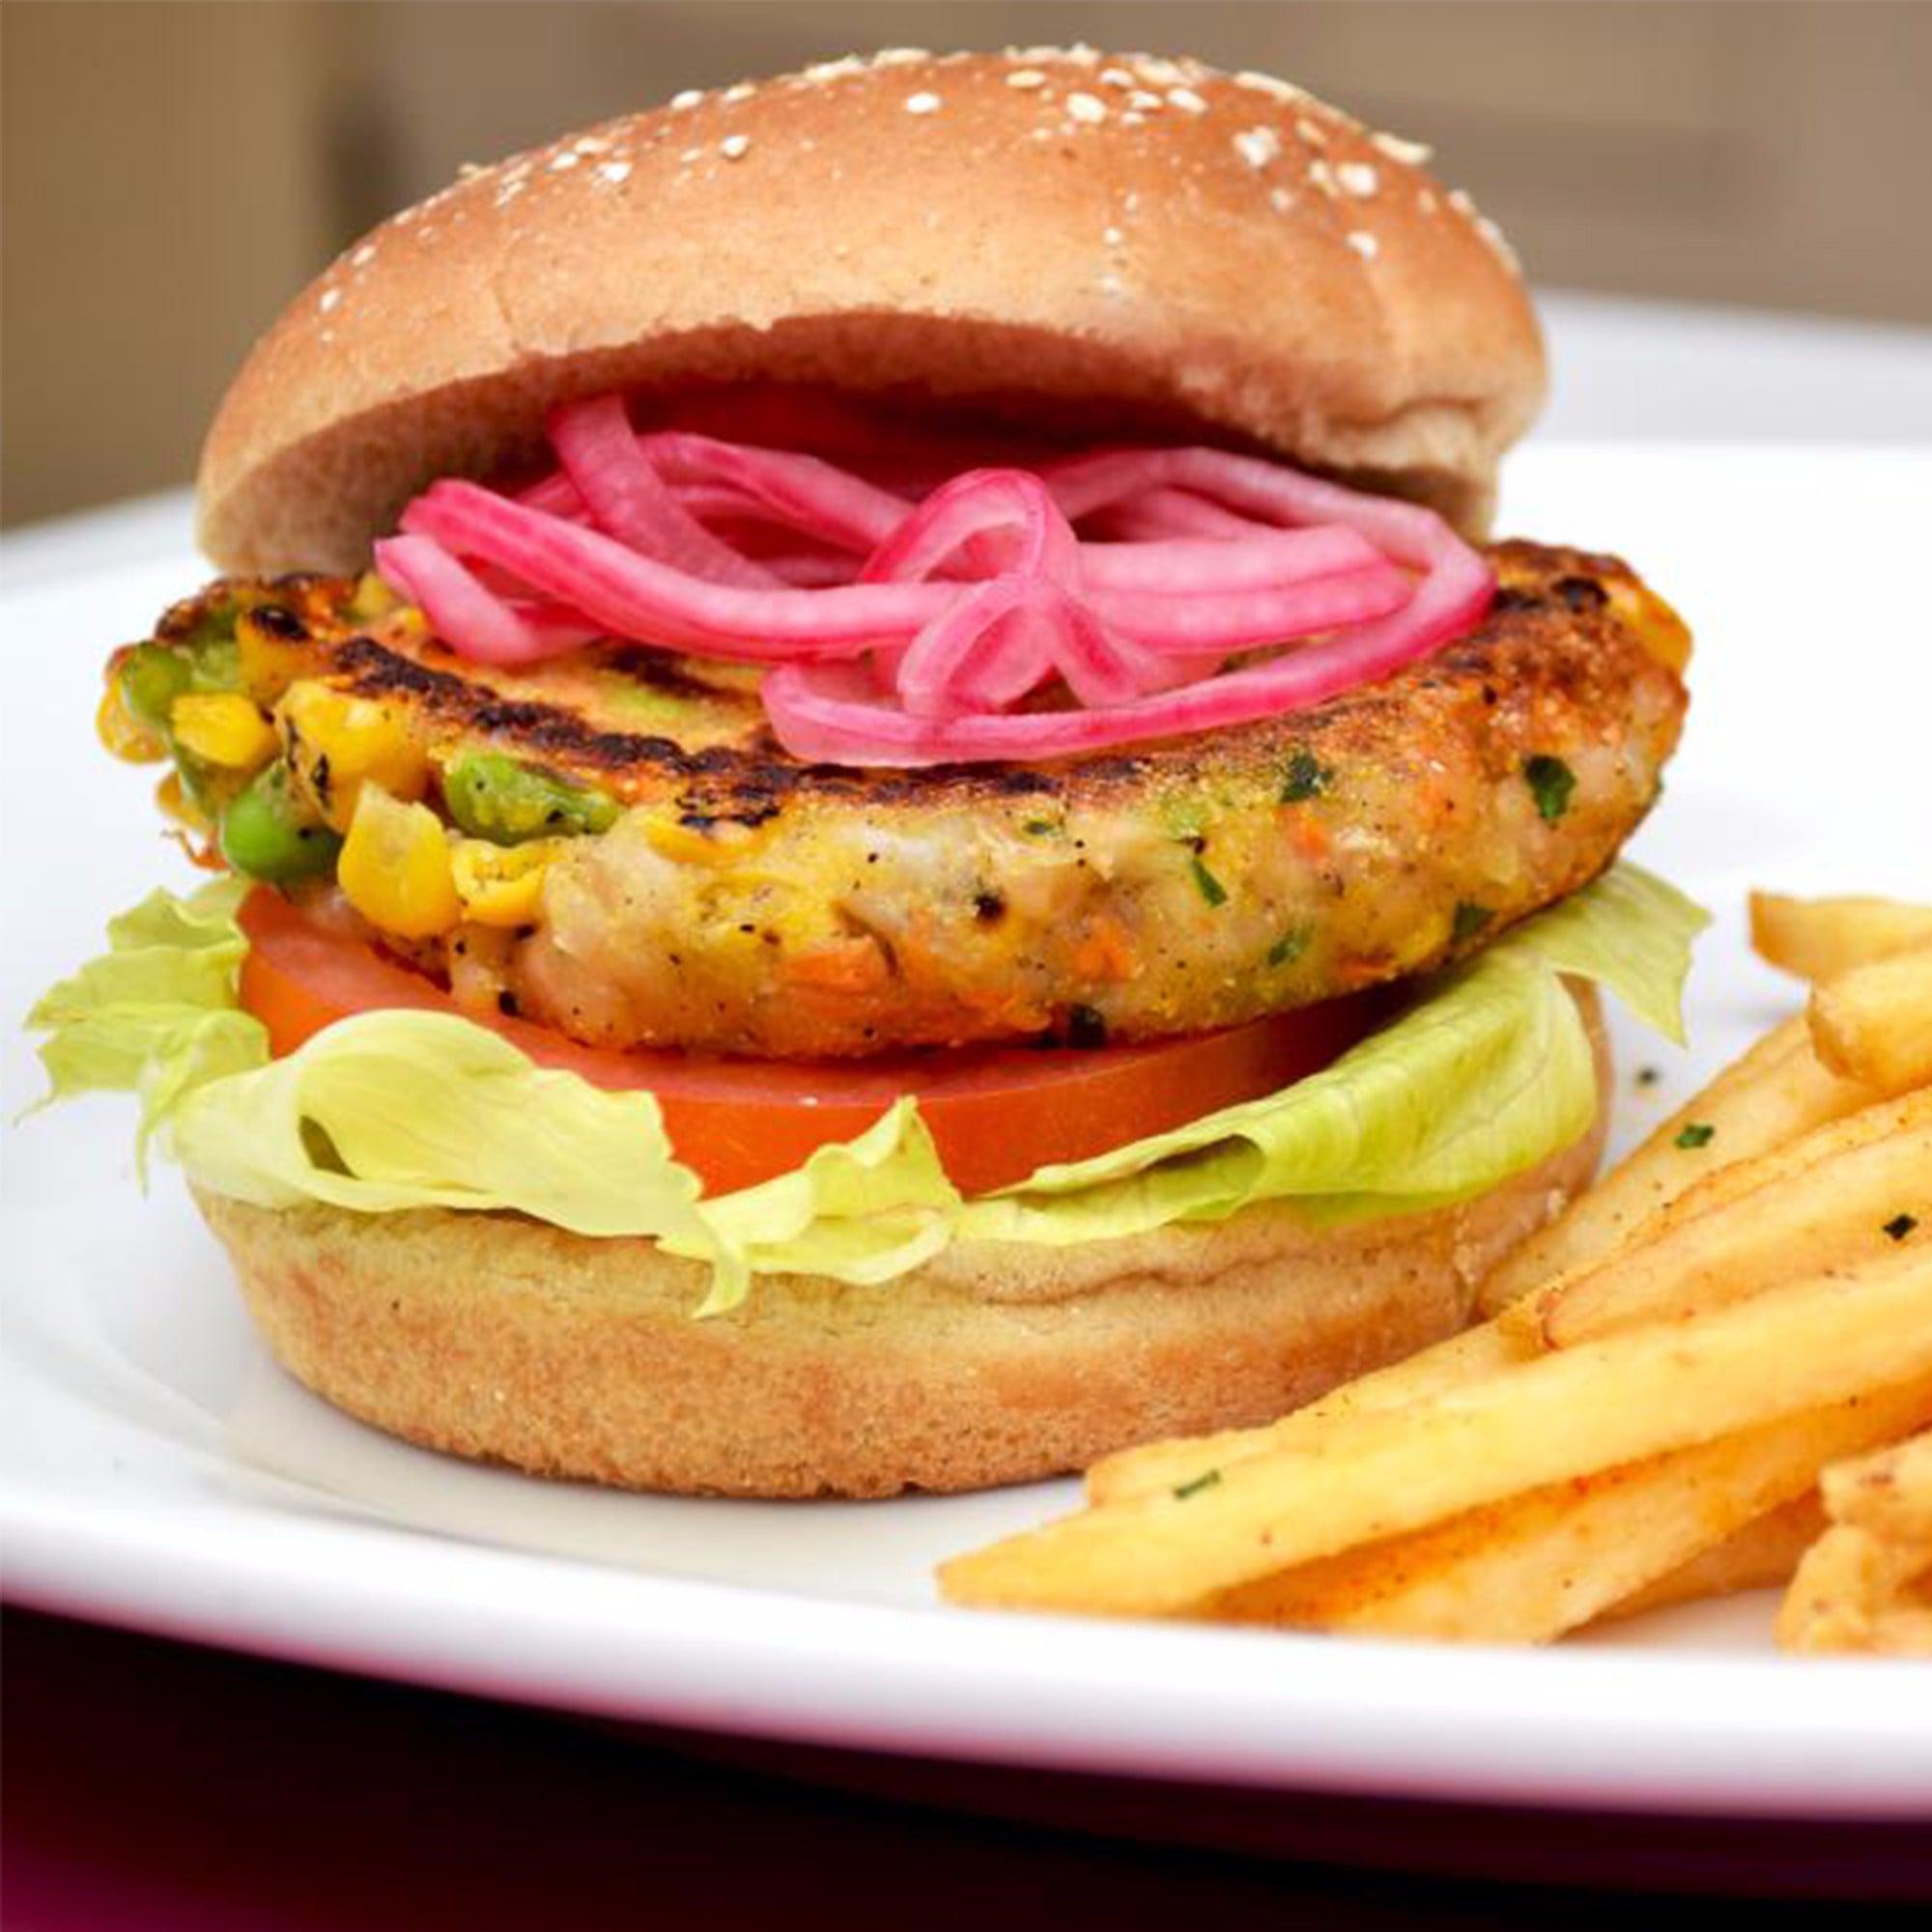 Chef's Vegan Burger at Carnation Cafe